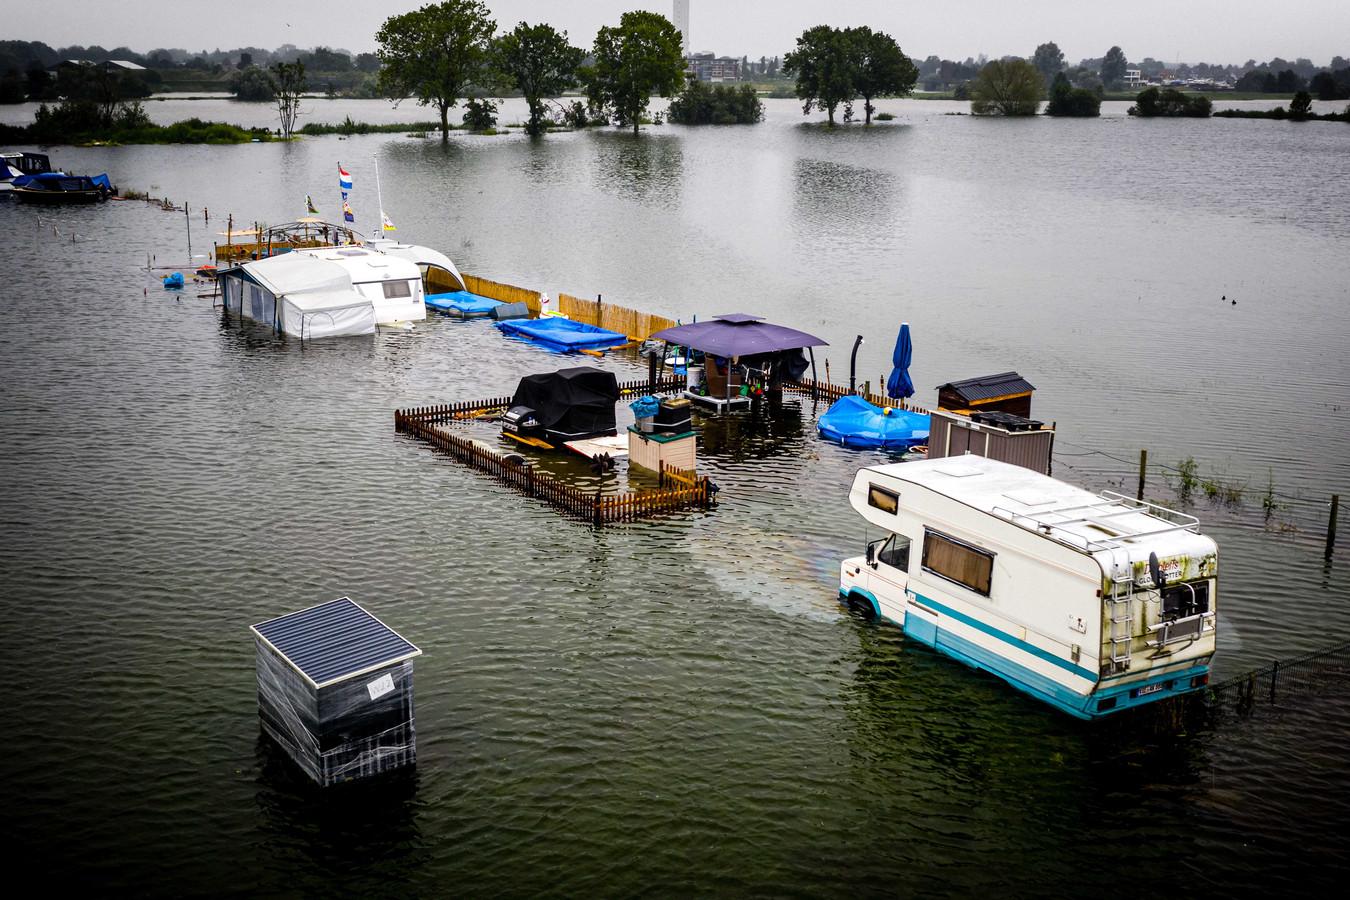 De beelden van de overstromingen in Limburg - hier een camping nabij Roermond - oogden onnederlands.